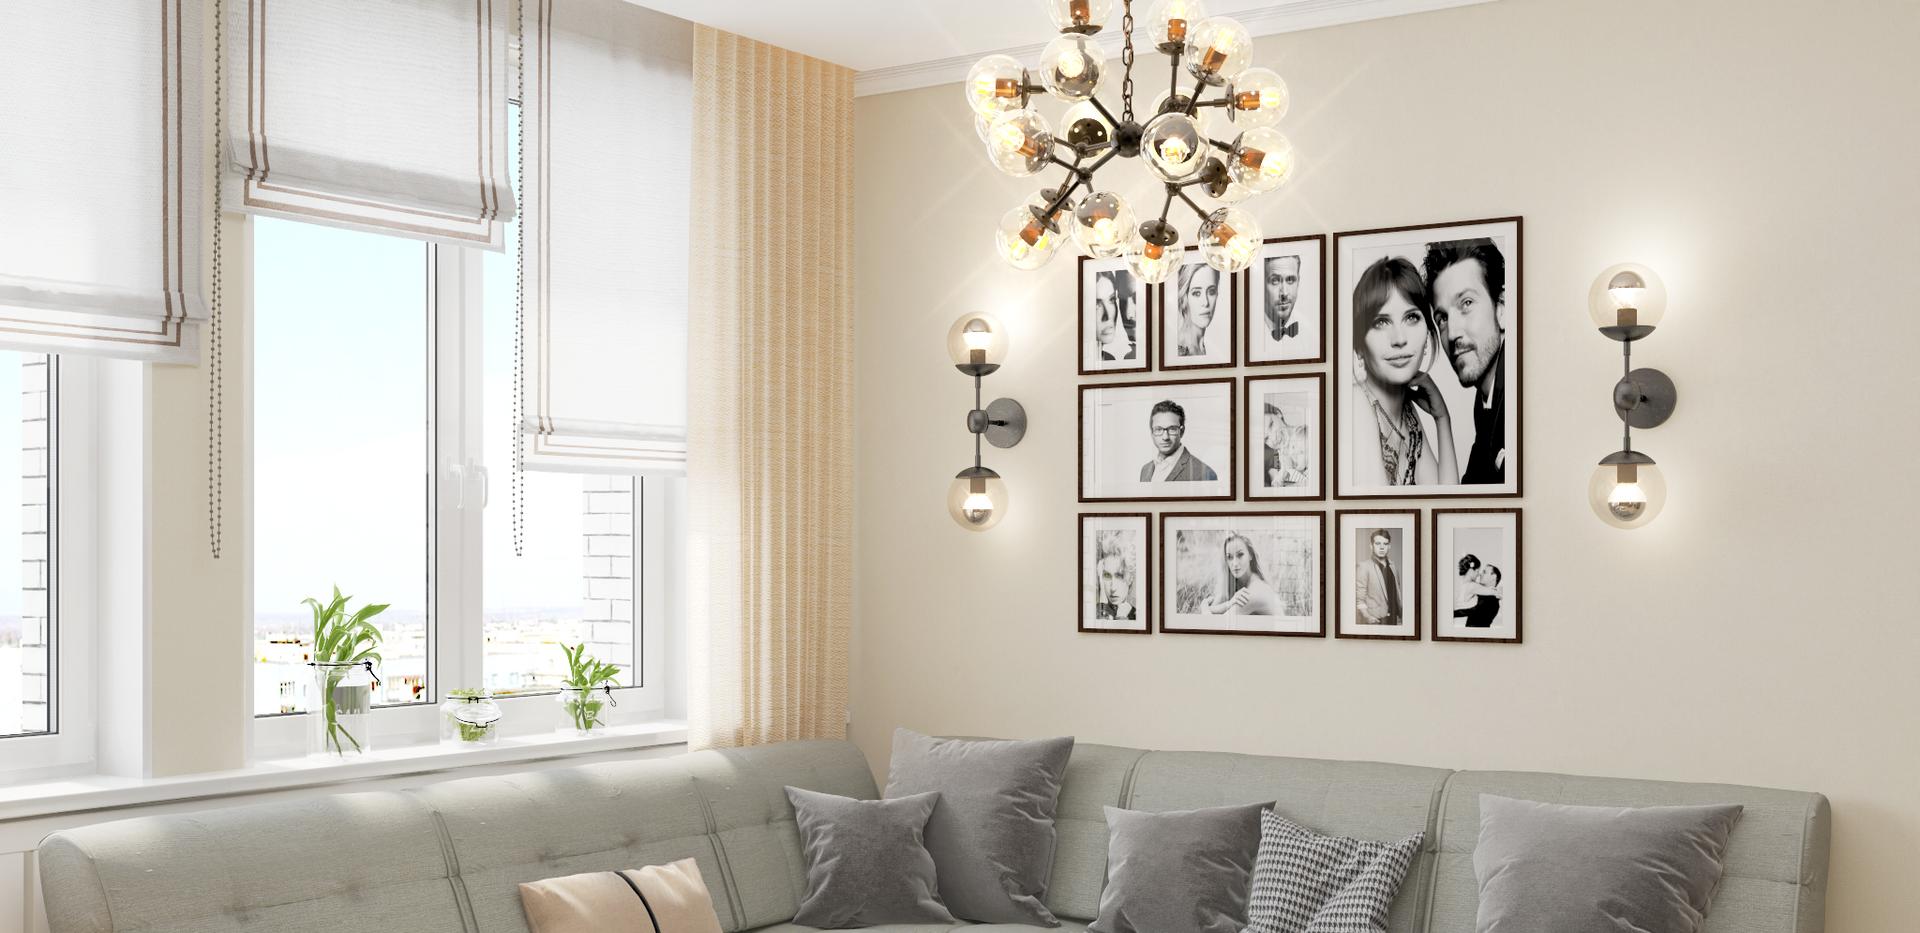 livingroom4.png